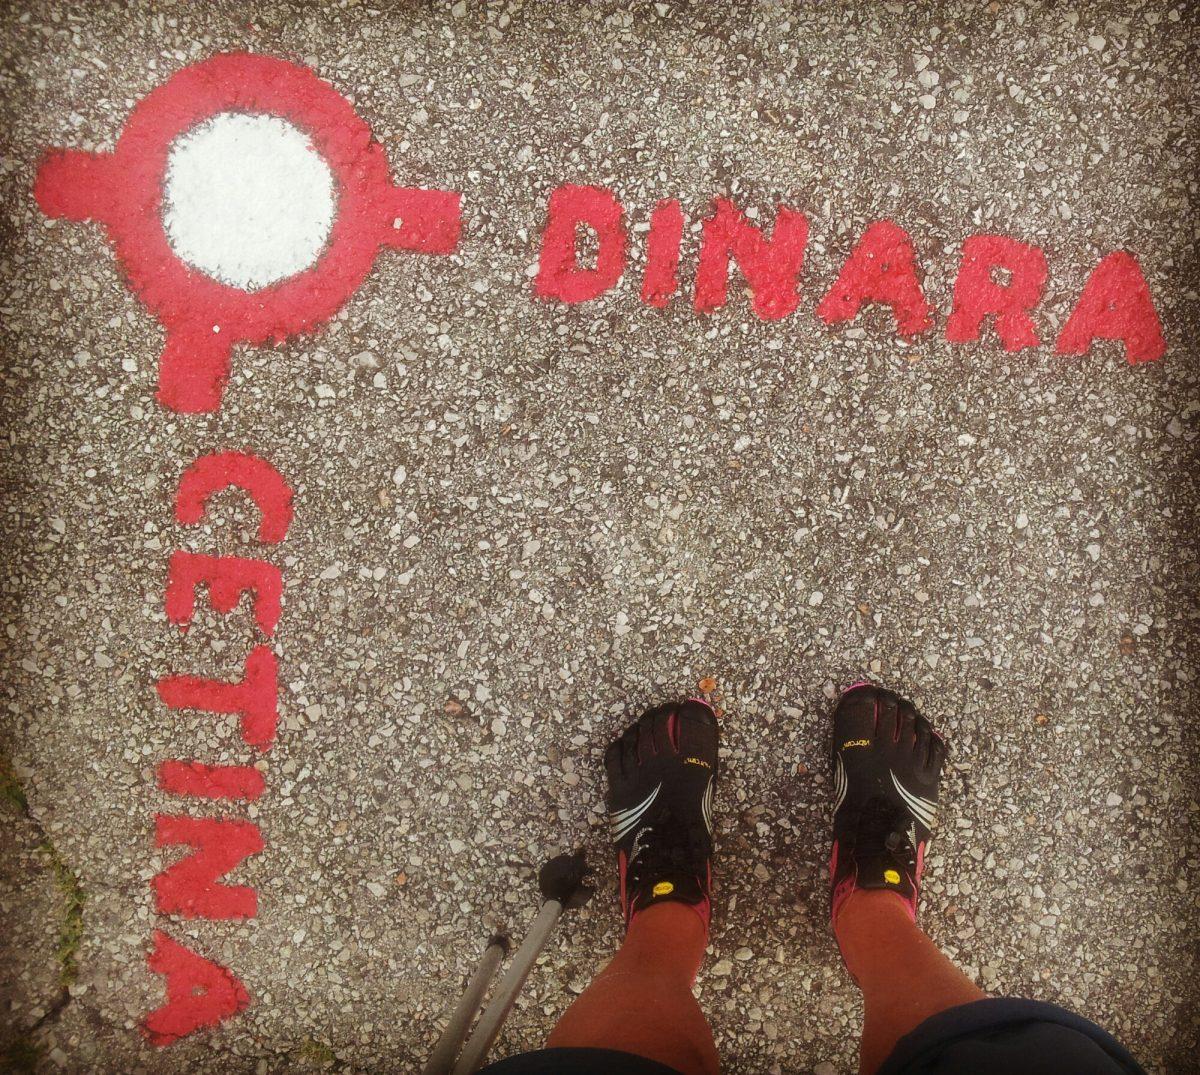 Dinara, to climb or not to climb?